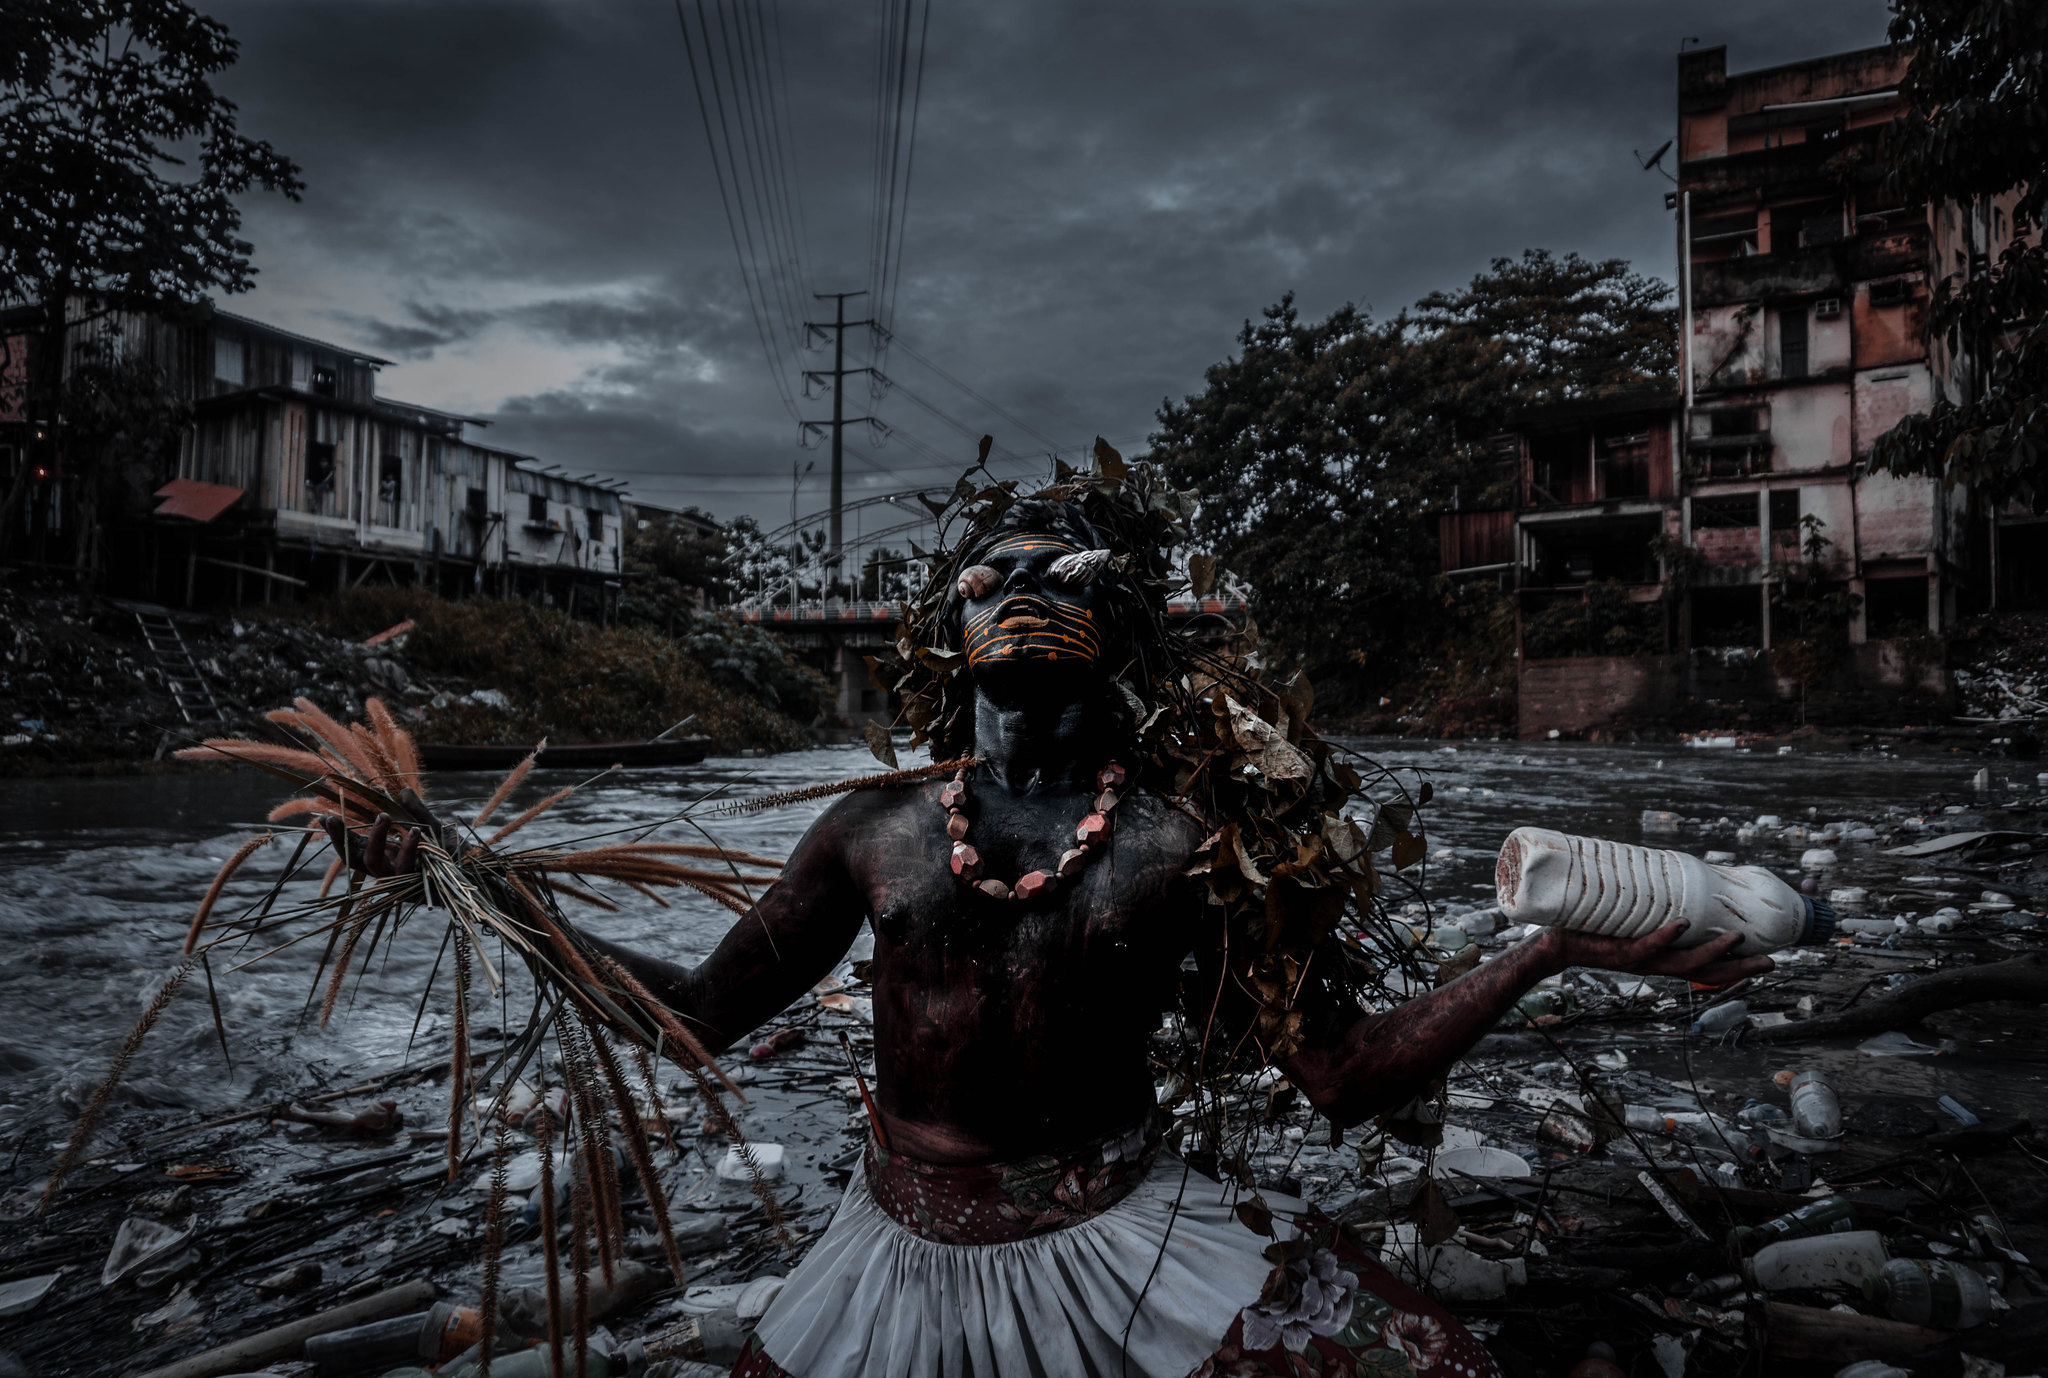 Exposição conta história de Uýra Sodoma, drag queen amazonense que ensina ribeirinhos sobre sustentabilidade